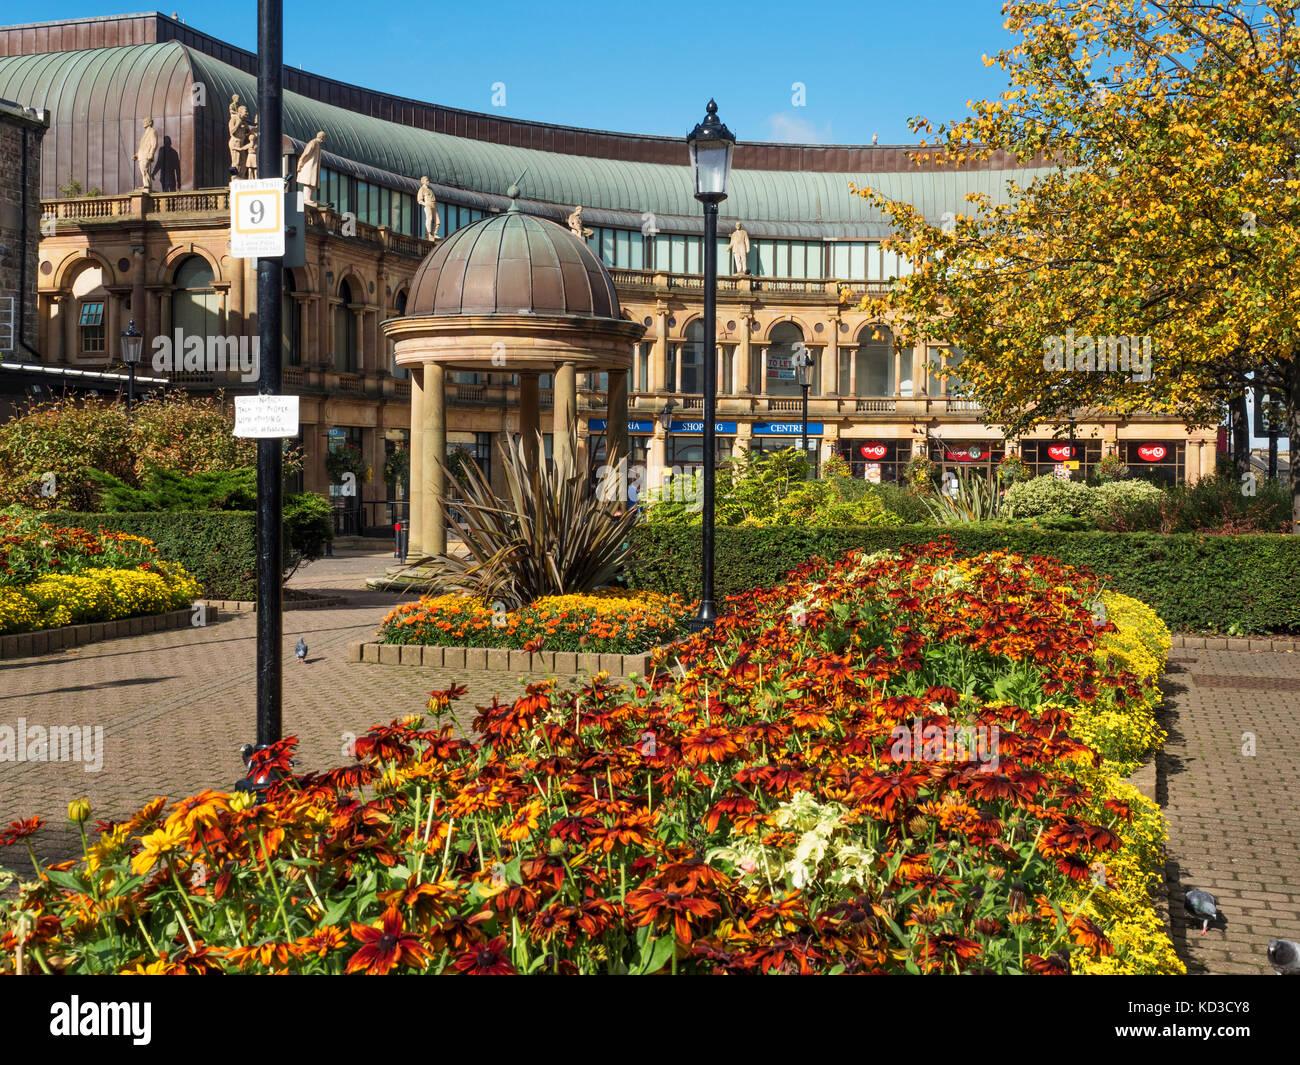 Shops Garden Gardens Garden Stock Photos & Shops Garden Gardens ...